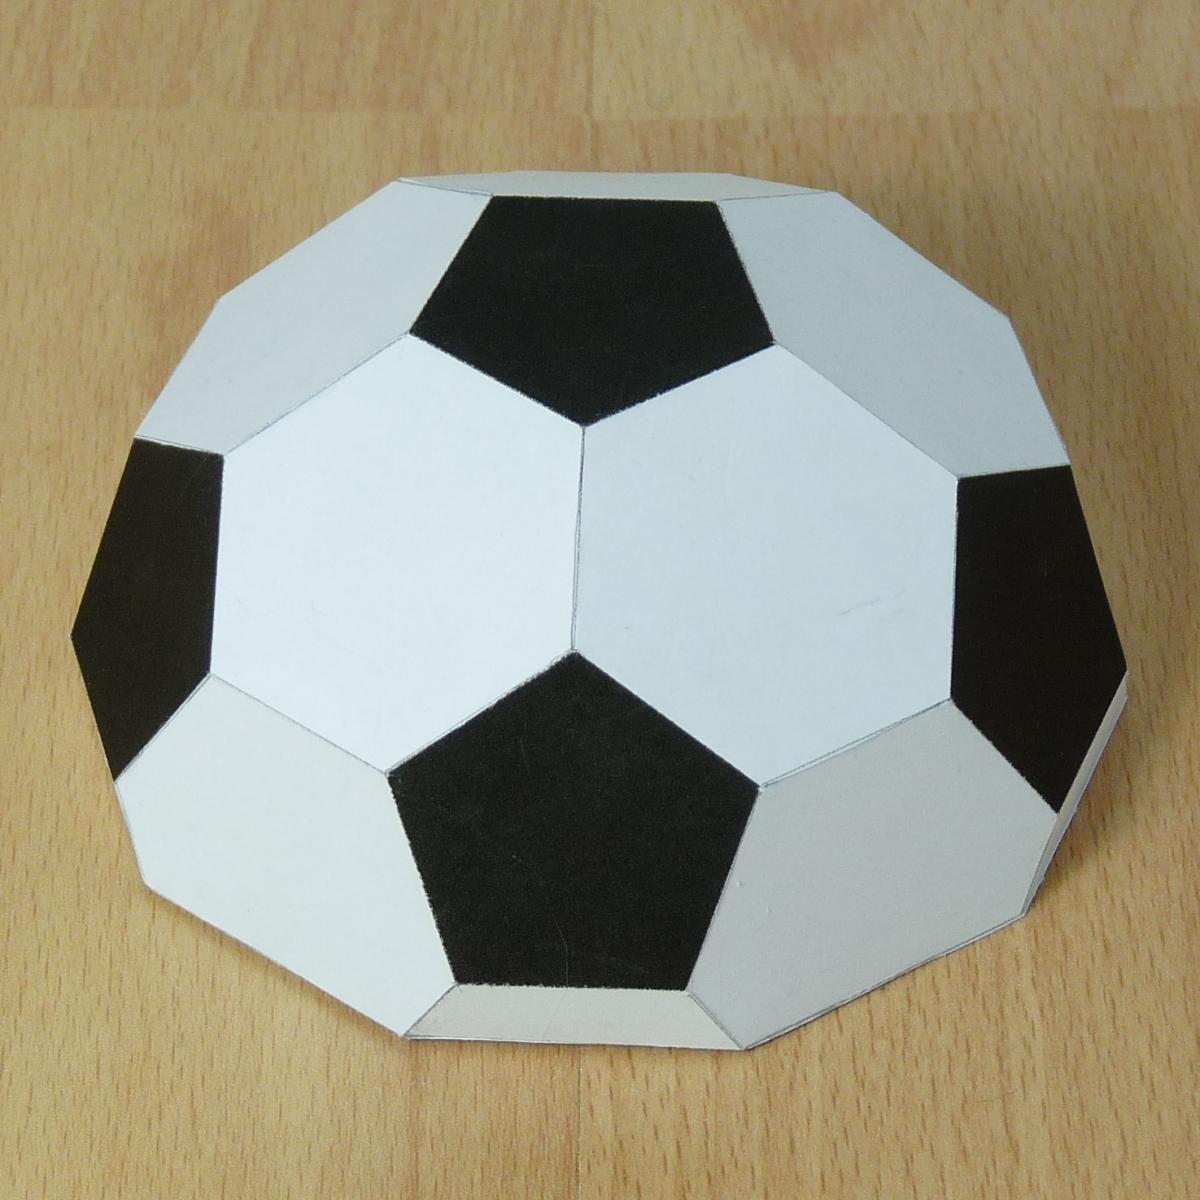 Открытка в виде футбольного мяча своими руками